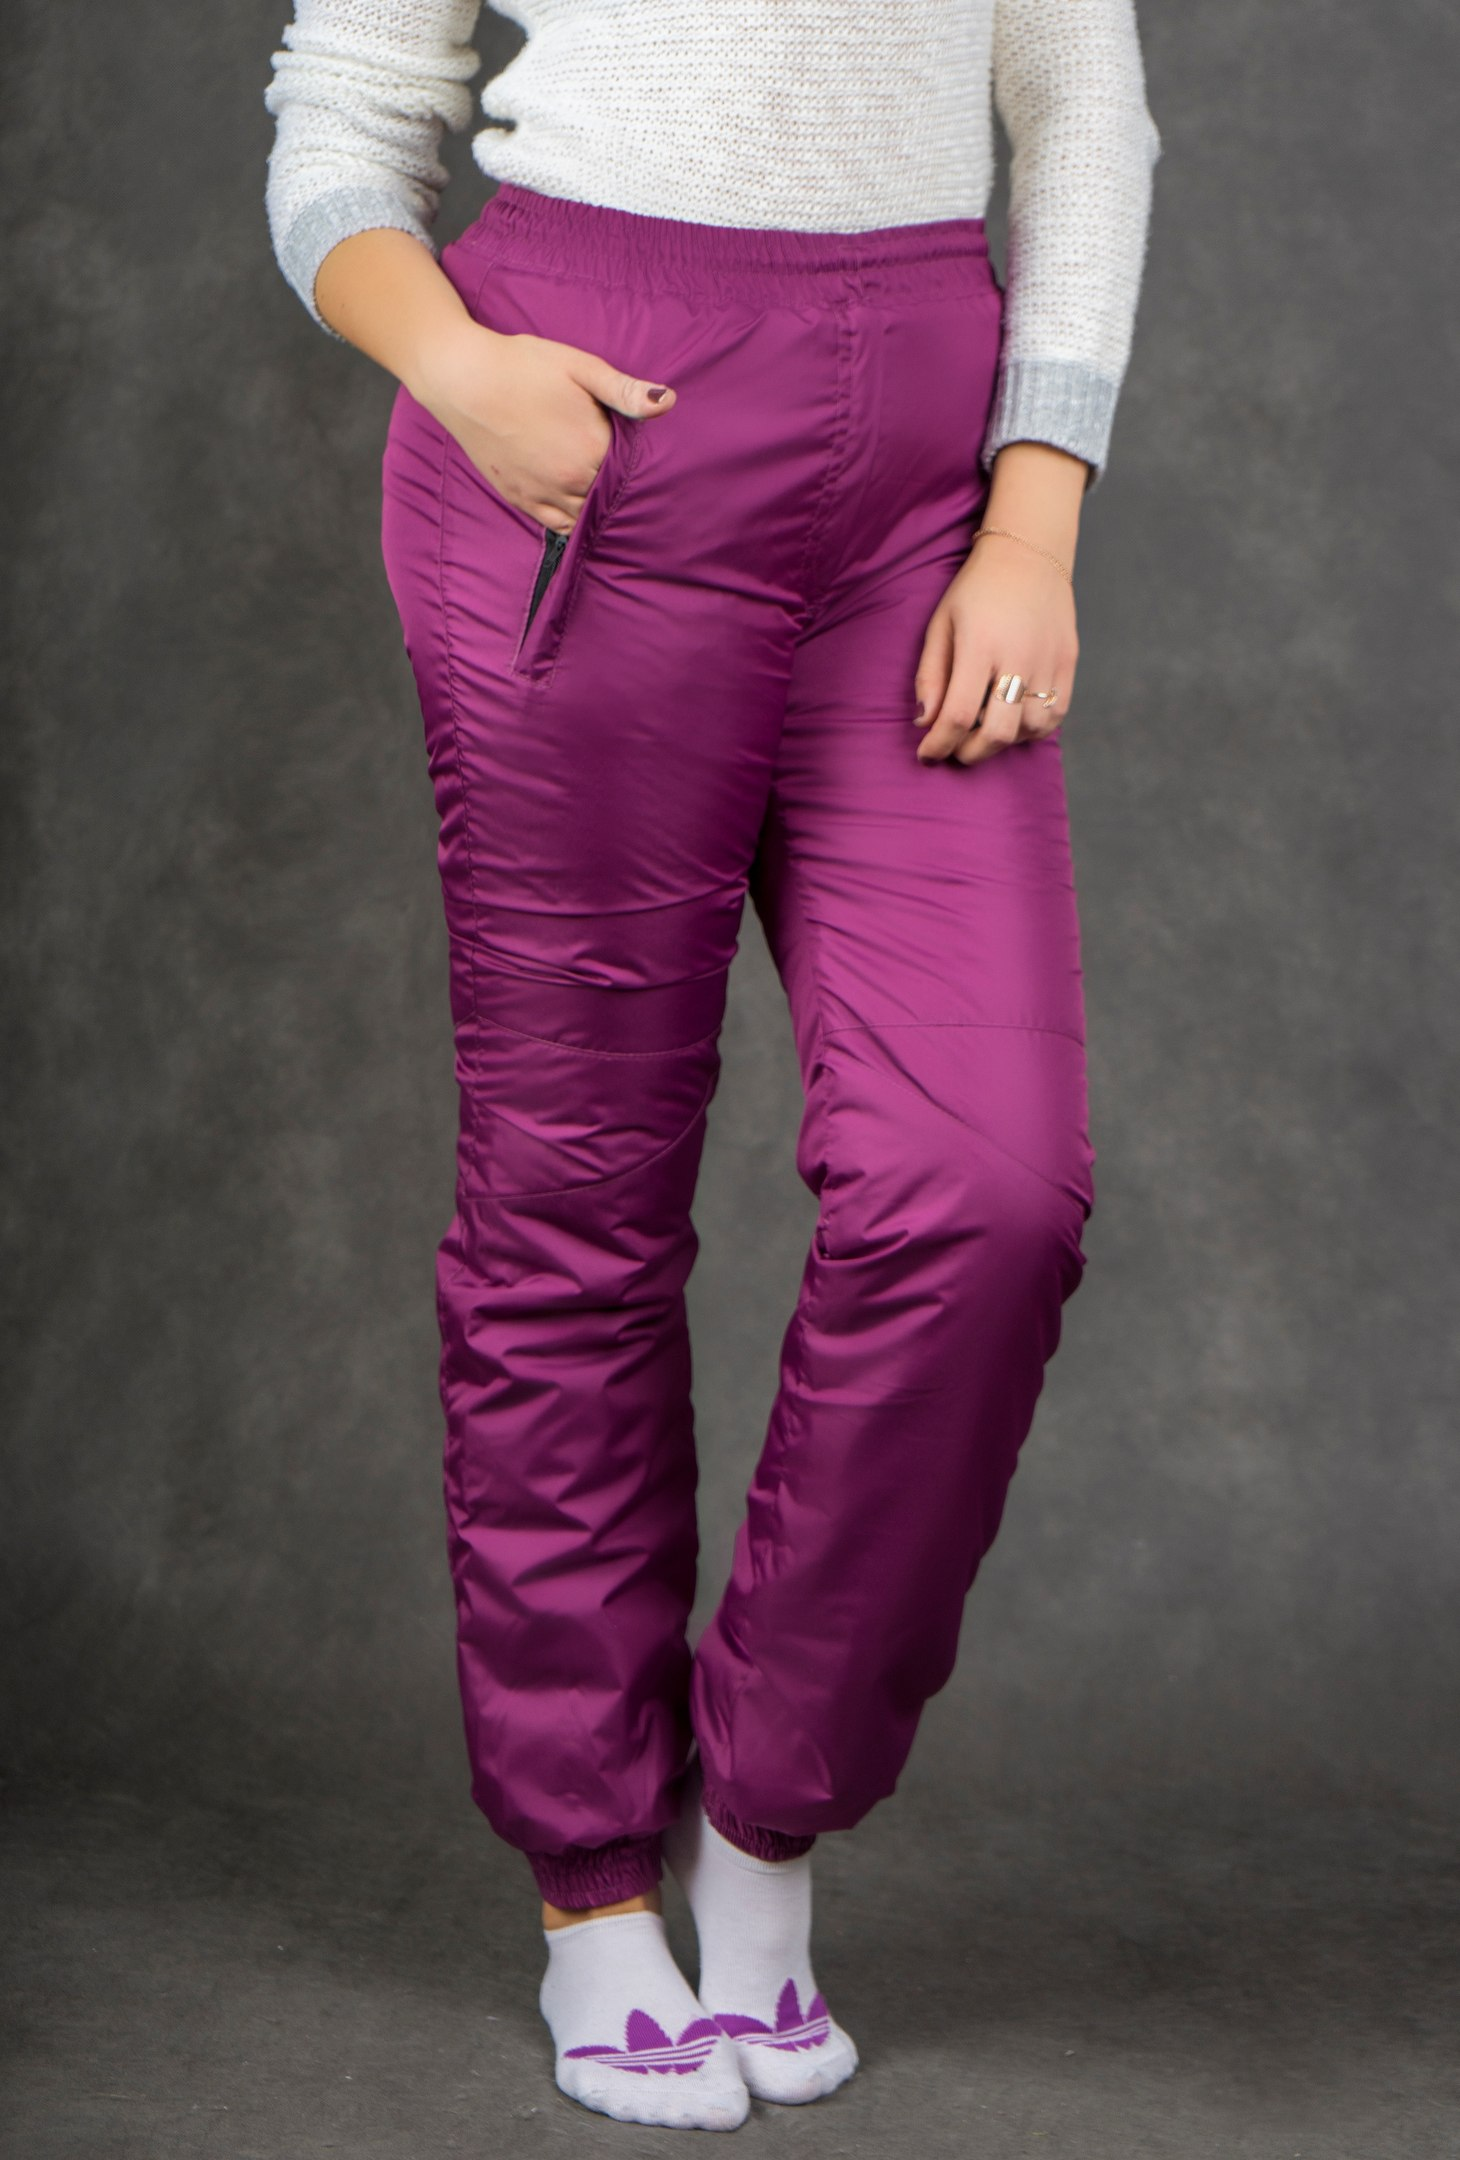 Утепленные брюки для всей семьи по выгодным ценам. В ассортименте женские, мужские, подростковые и детские модели на флисе и синтепоне. Есть большие размеры. Без рядов! Выкуп 18